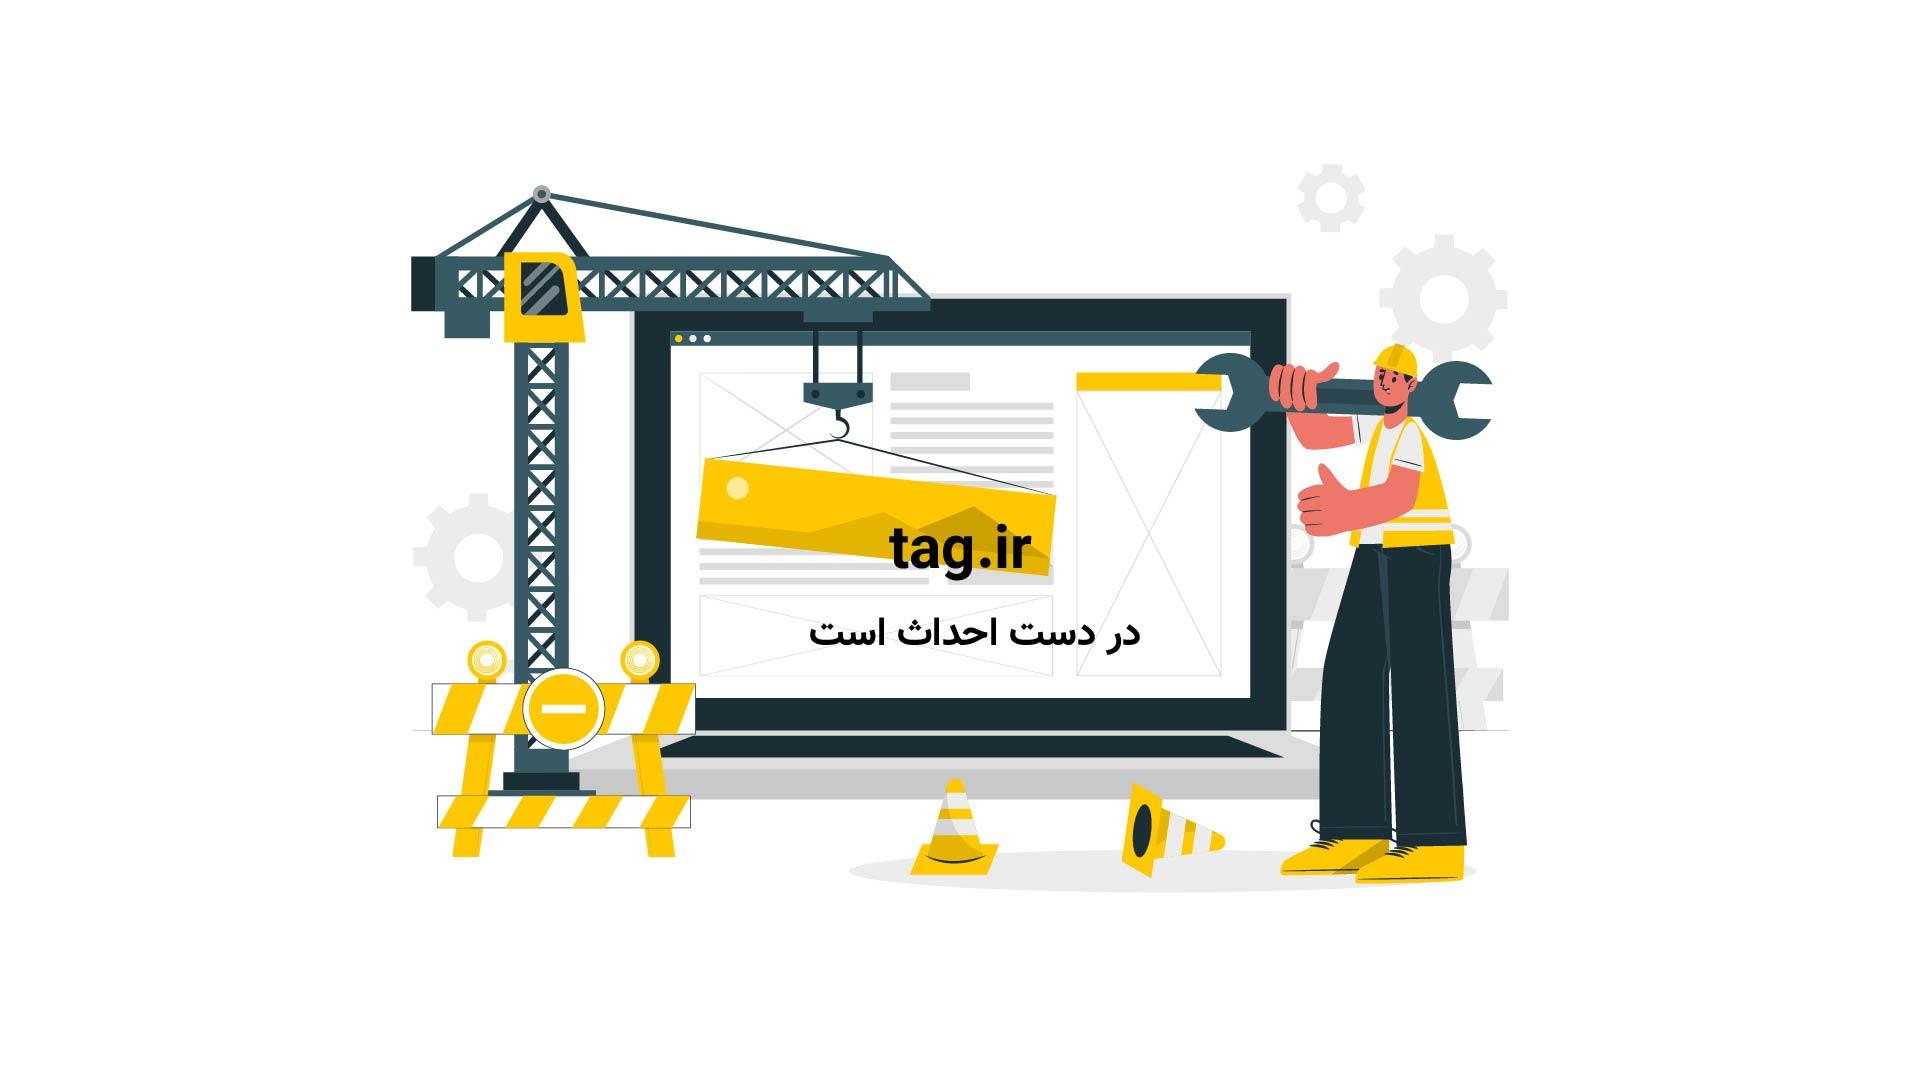 صحبتهای سروش جمشیدی درباره فعالیت هنریاش با مهران مدیری | فیلم